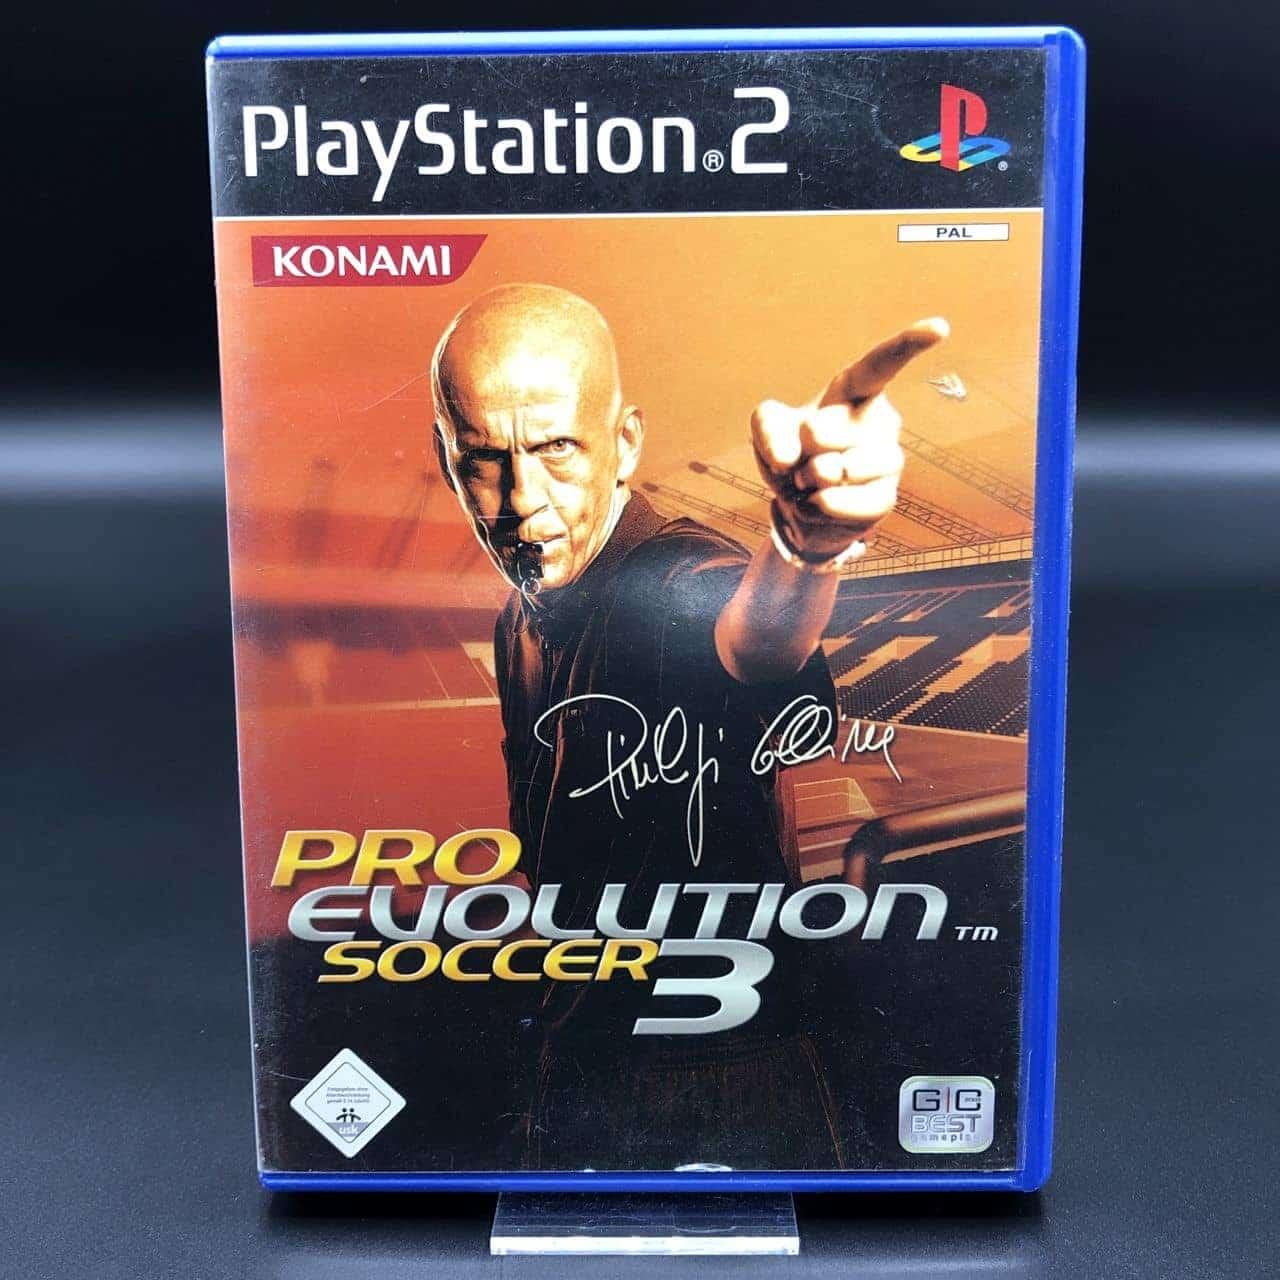 PS2 Pro Evolution Soccer 3 (Komplett) (Gebrauchsspuren) Sony PlayStation 2